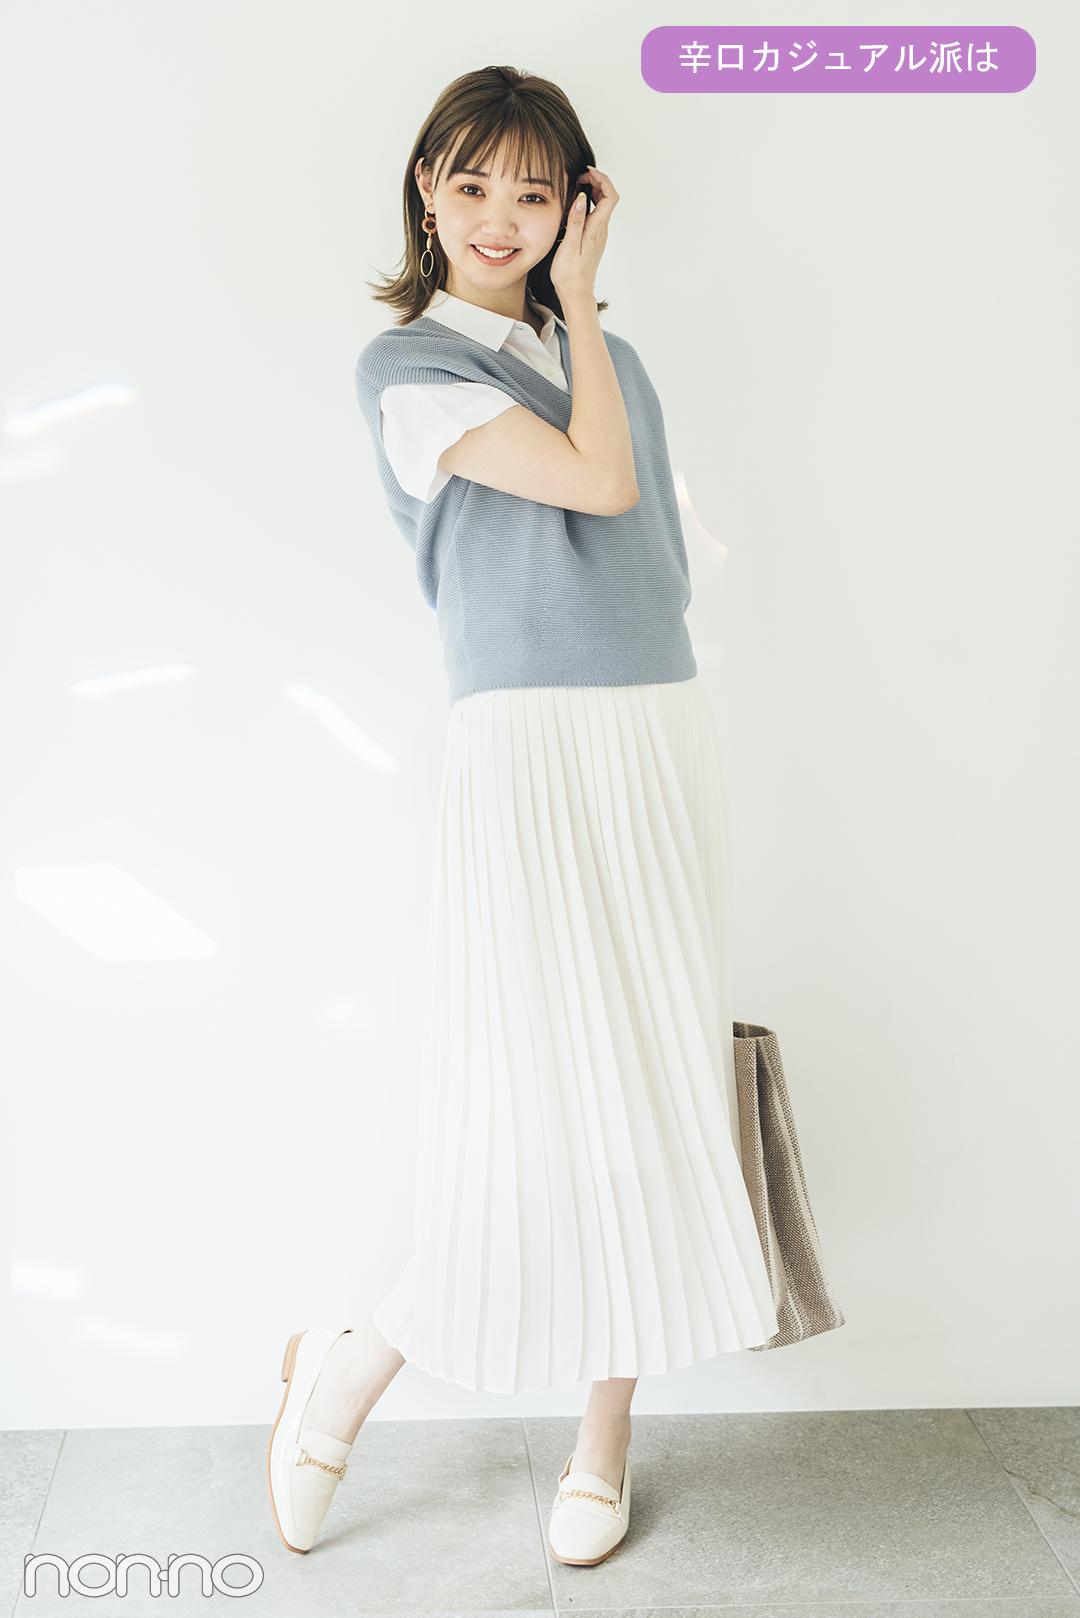 ITEM3 揺れ感が女の子らしい プリーツスカート 辛口カジュアル派は 江野澤愛美